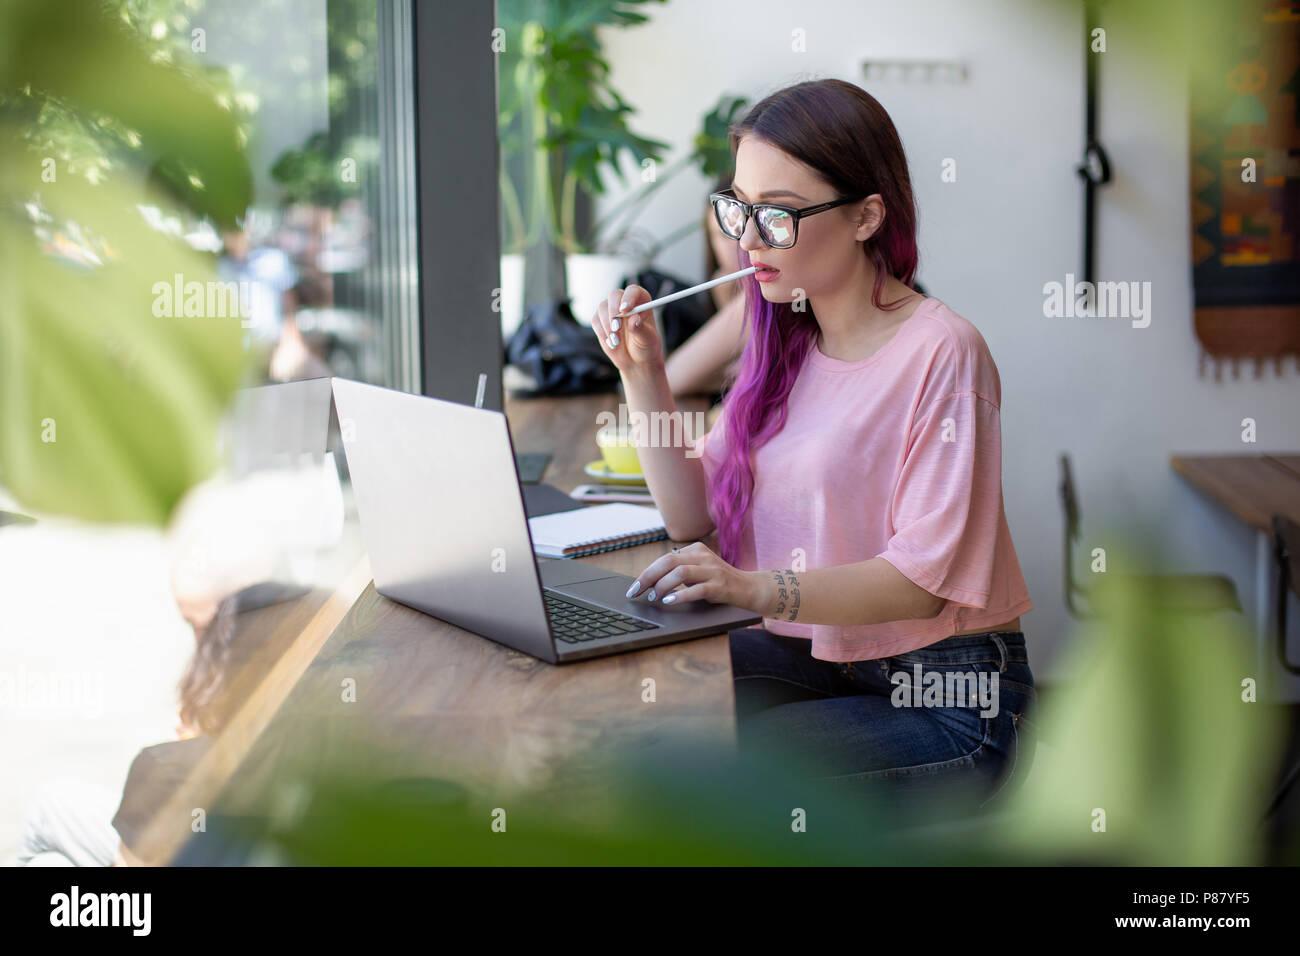 Vue latérale du young businesswoman sitting at table in coffee shop. Tasse de café sur la table et l'ordinateur portable. En arrière-plan mur blanc et fenêtre. Photo Stock